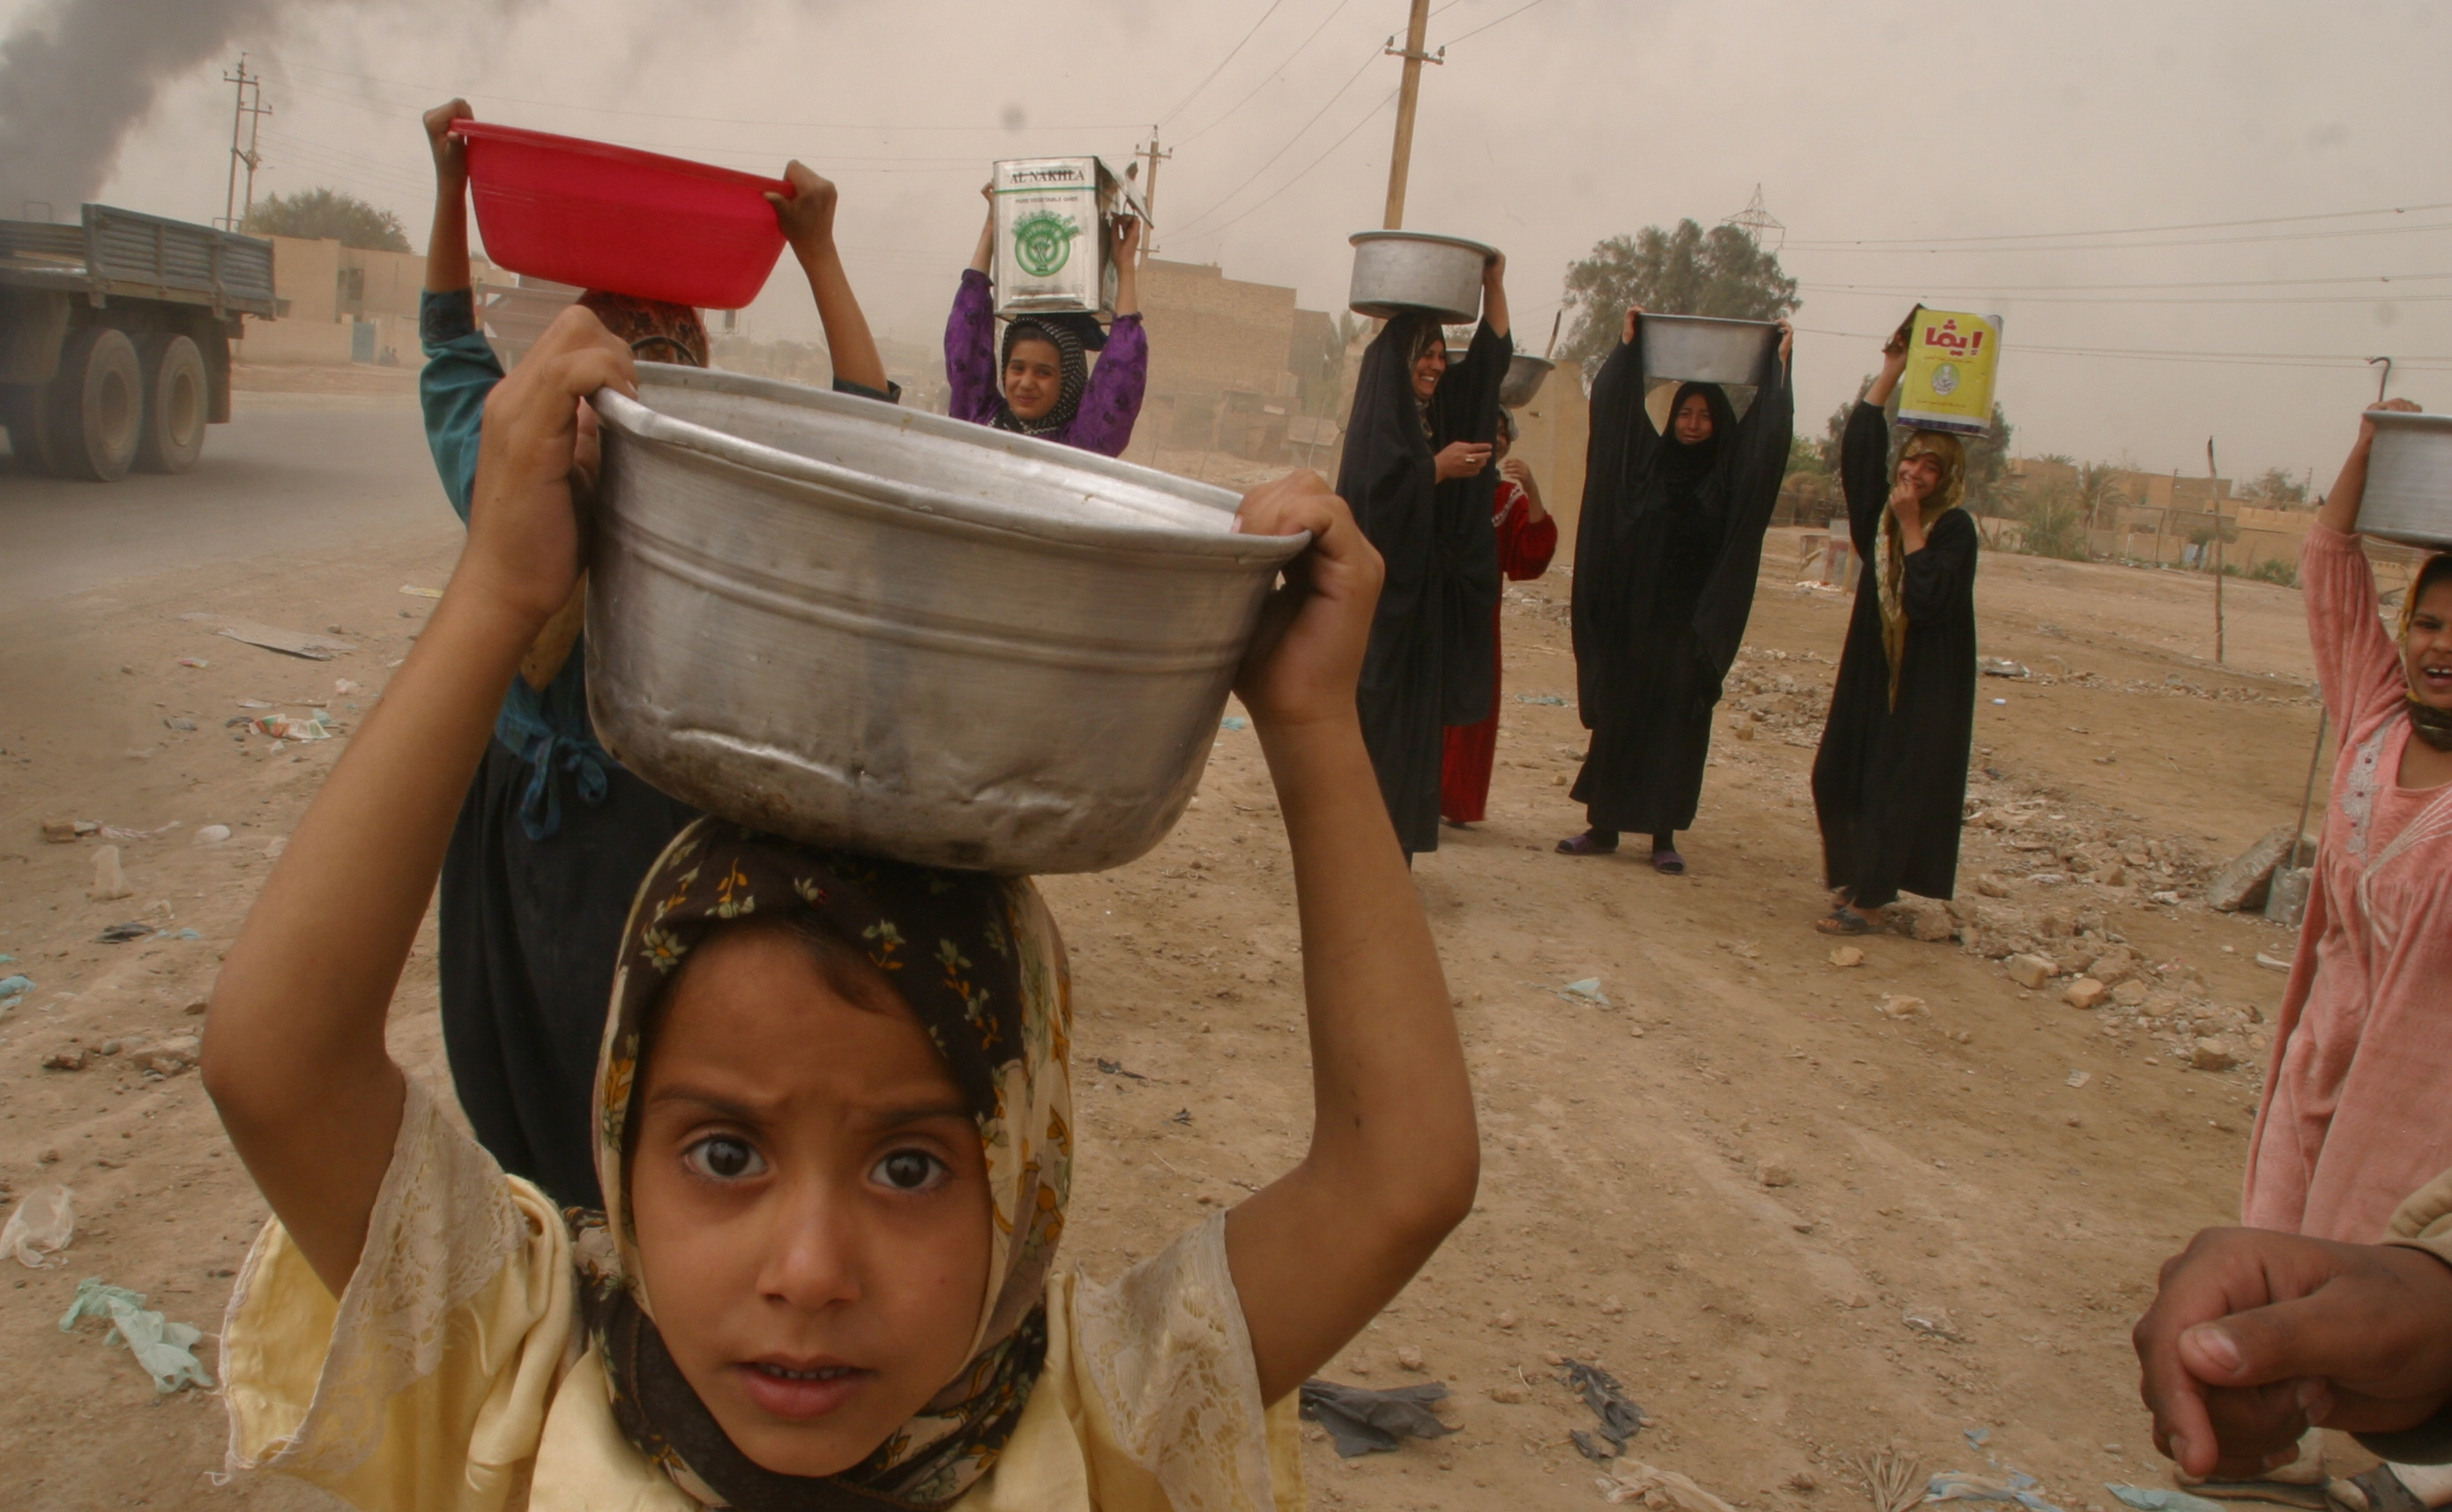 Los niños en Irak: la ONU expresa su preocupación